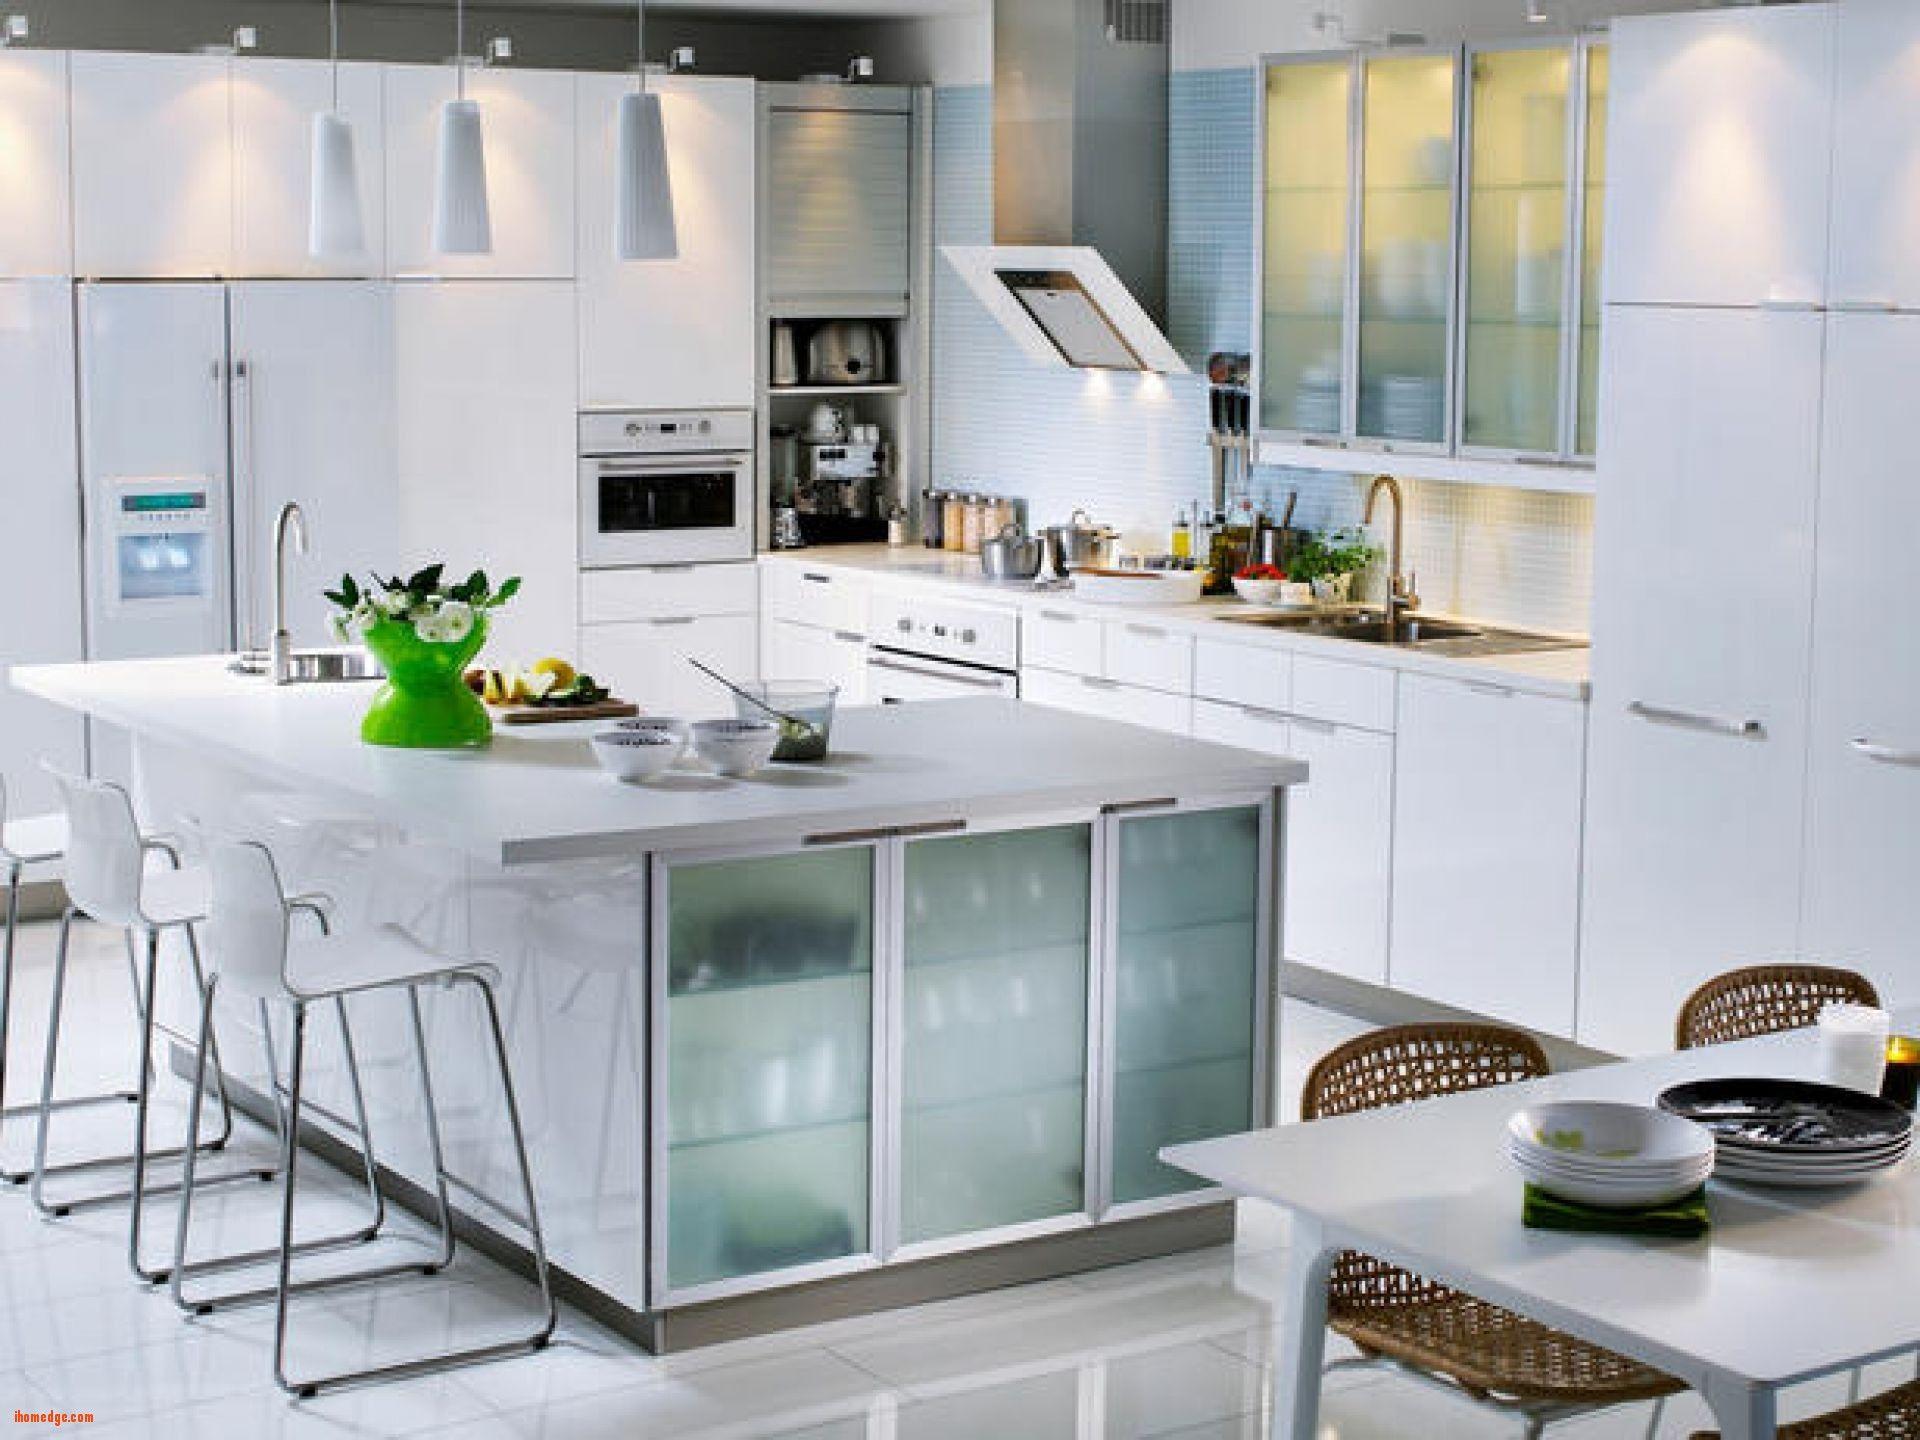 Inspirational Luxury Kitchen Design App Free Kitchen Planning